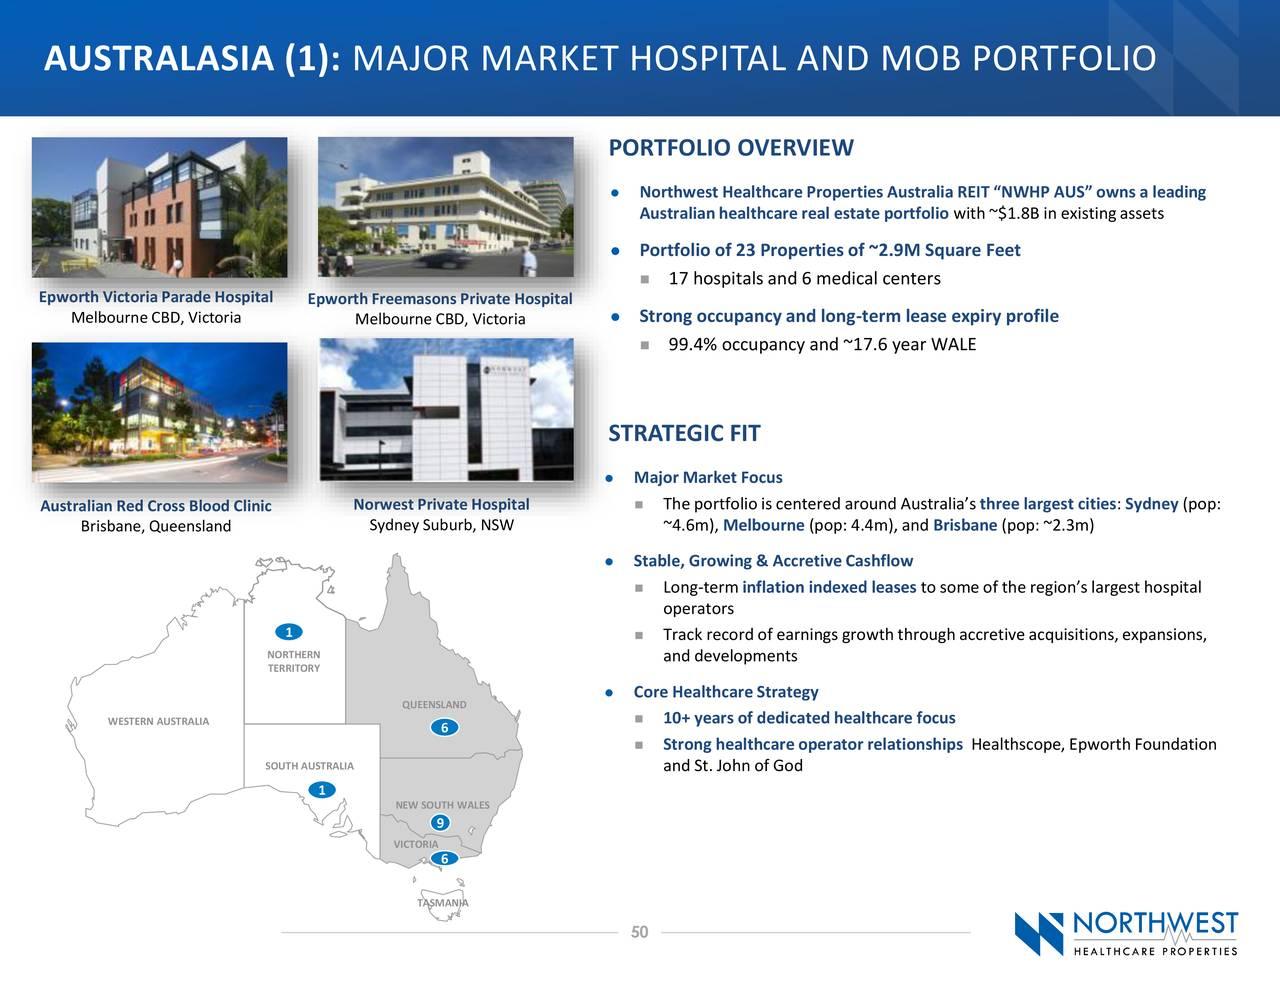 AUSTRALASIA (1): GRAN HOSPITAL DE MERCADO Y CARTERA MOB